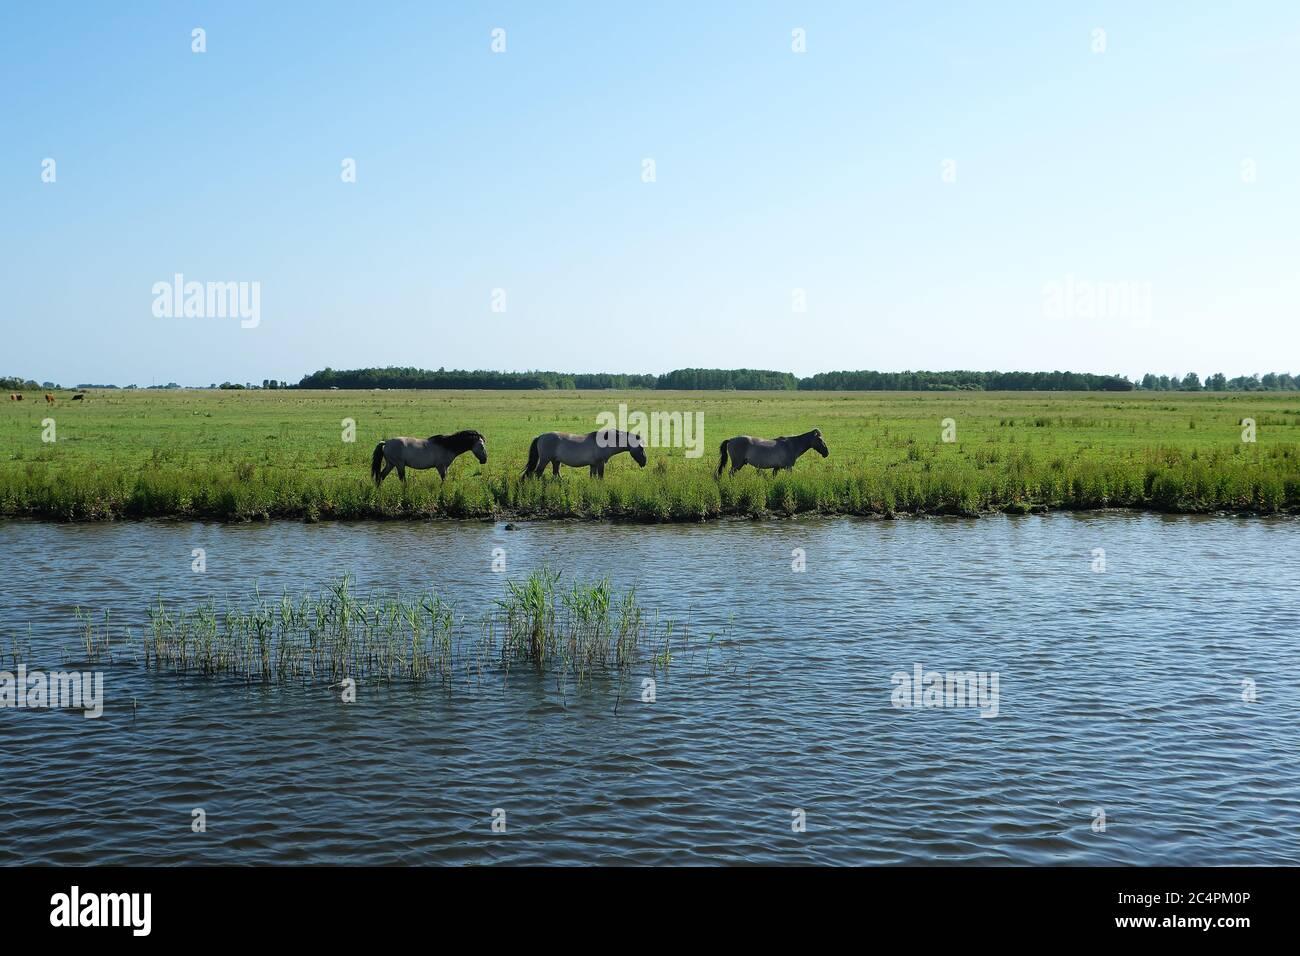 Europa Holanda - Caballos a orillas de un canal en Holanda Foto de stock